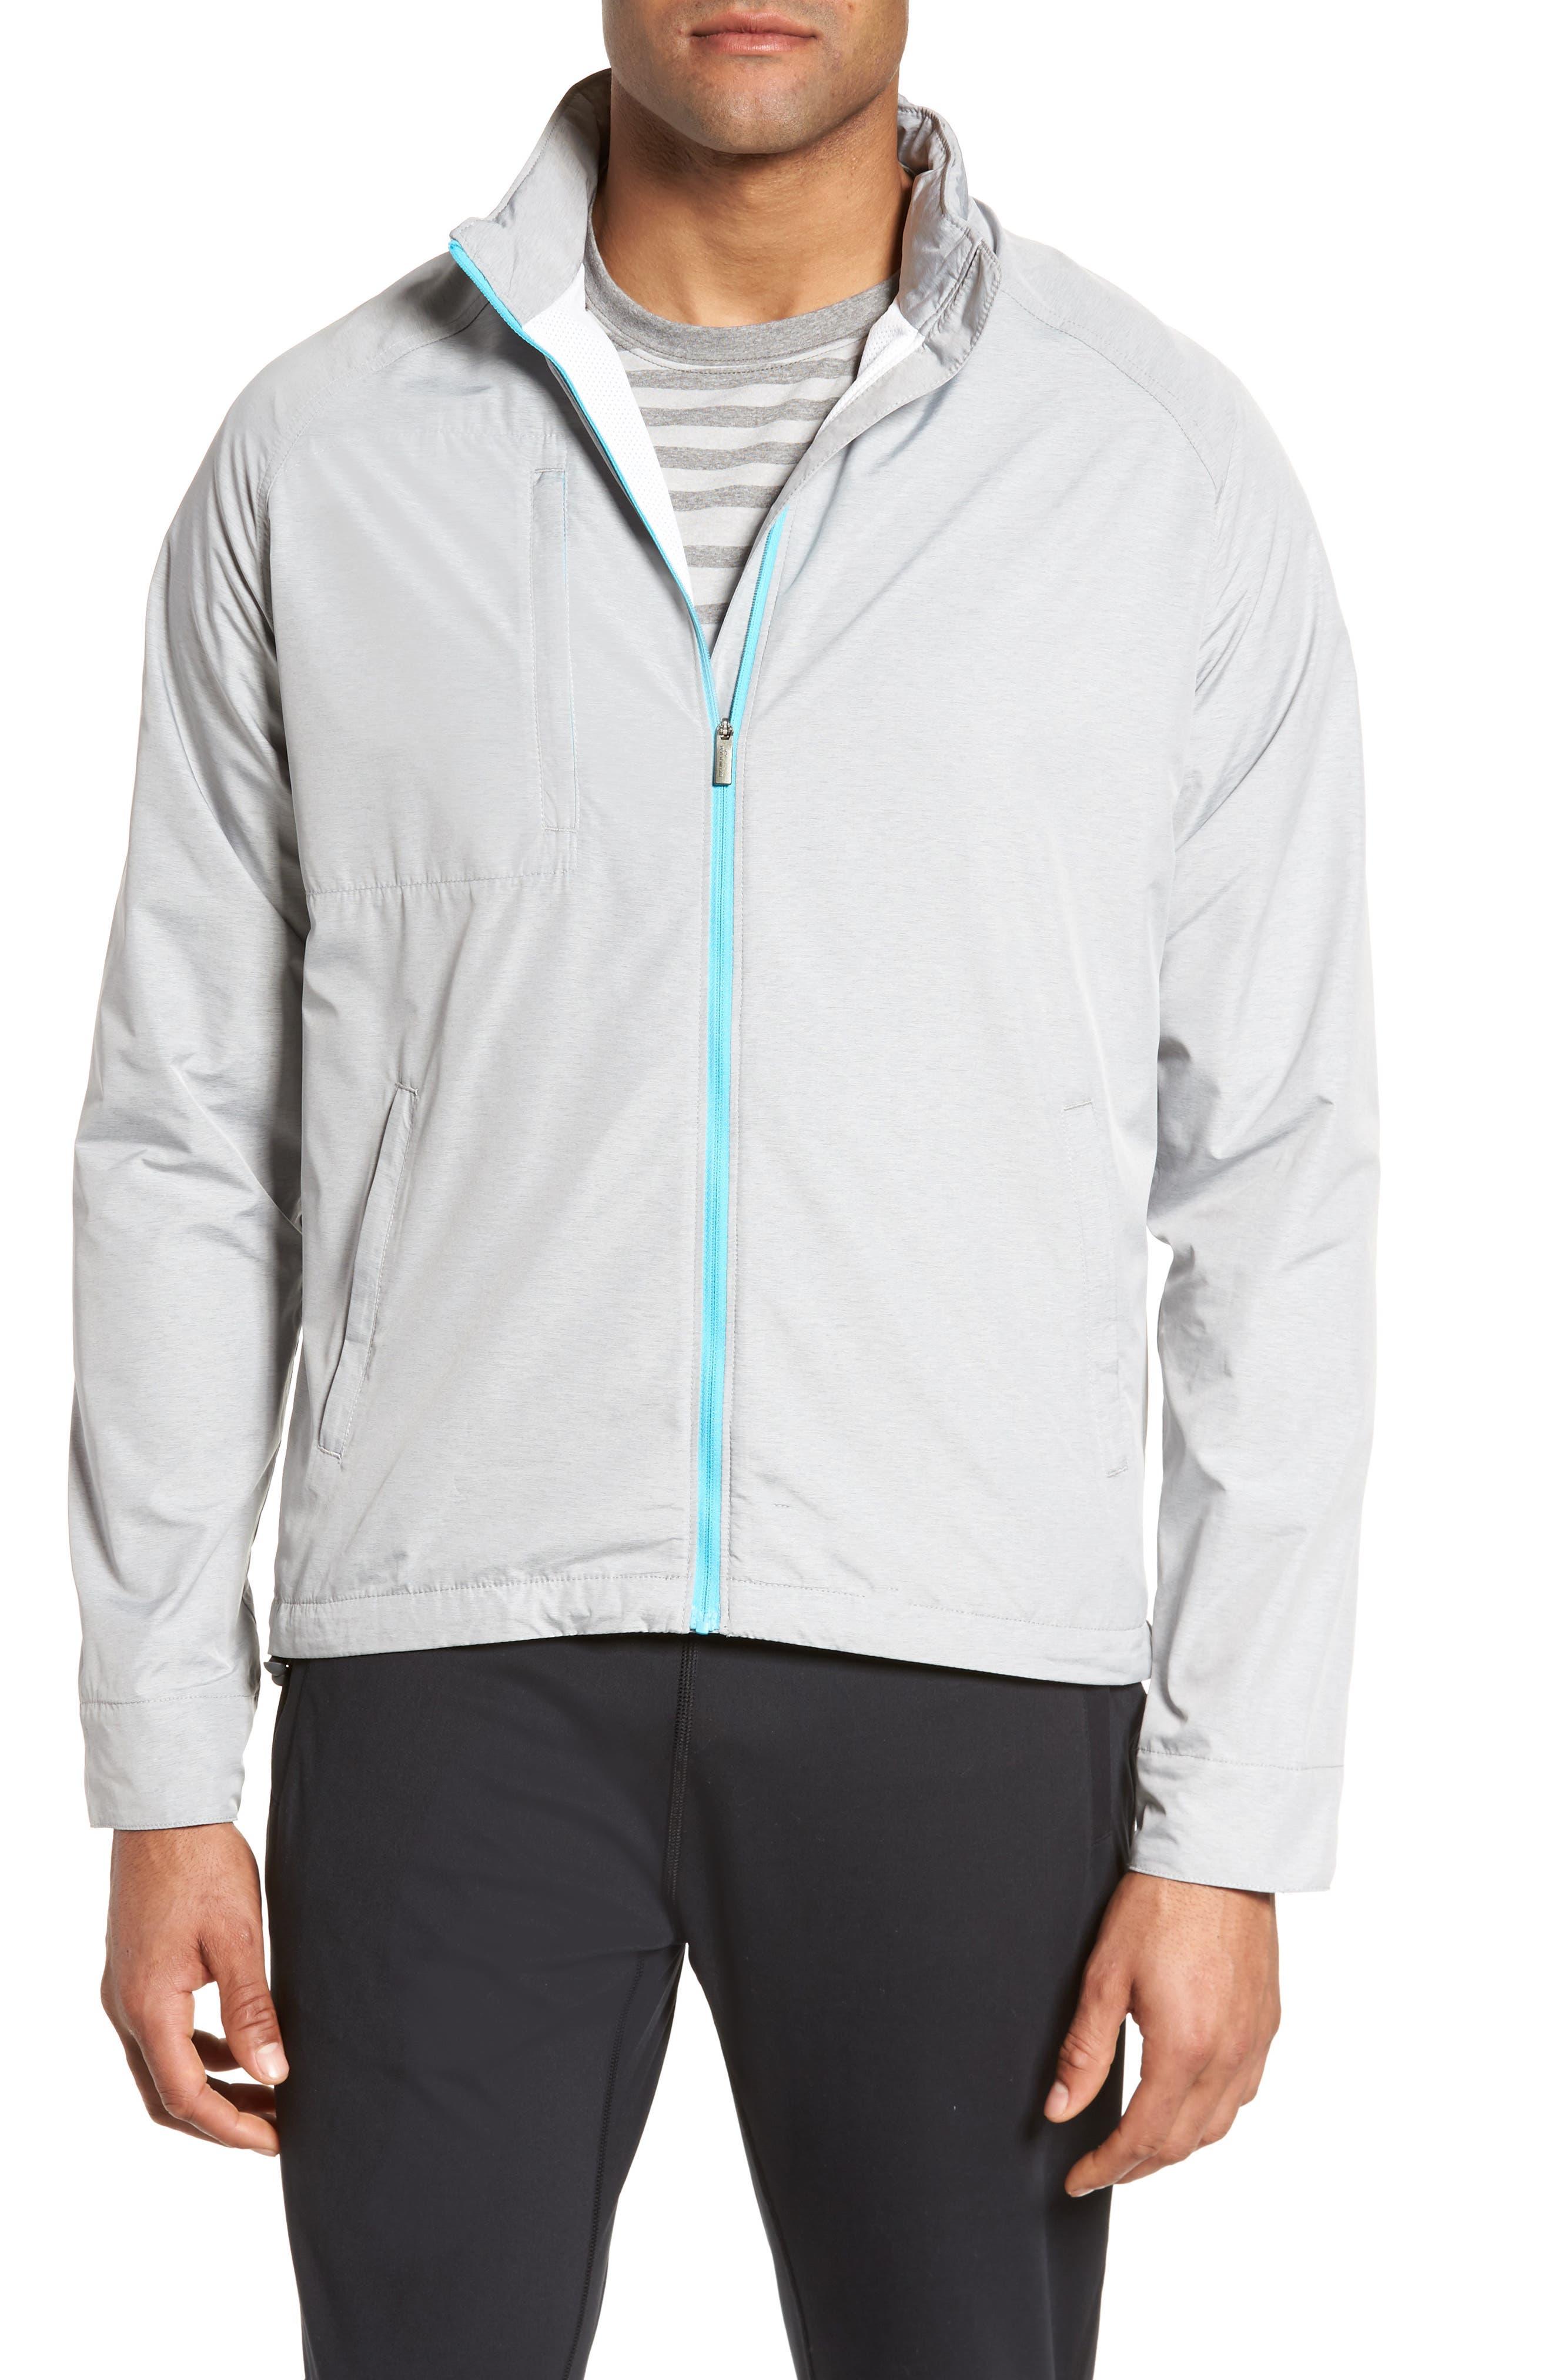 Nagano Windbreaker Jacket,                             Main thumbnail 1, color,                             British Grey